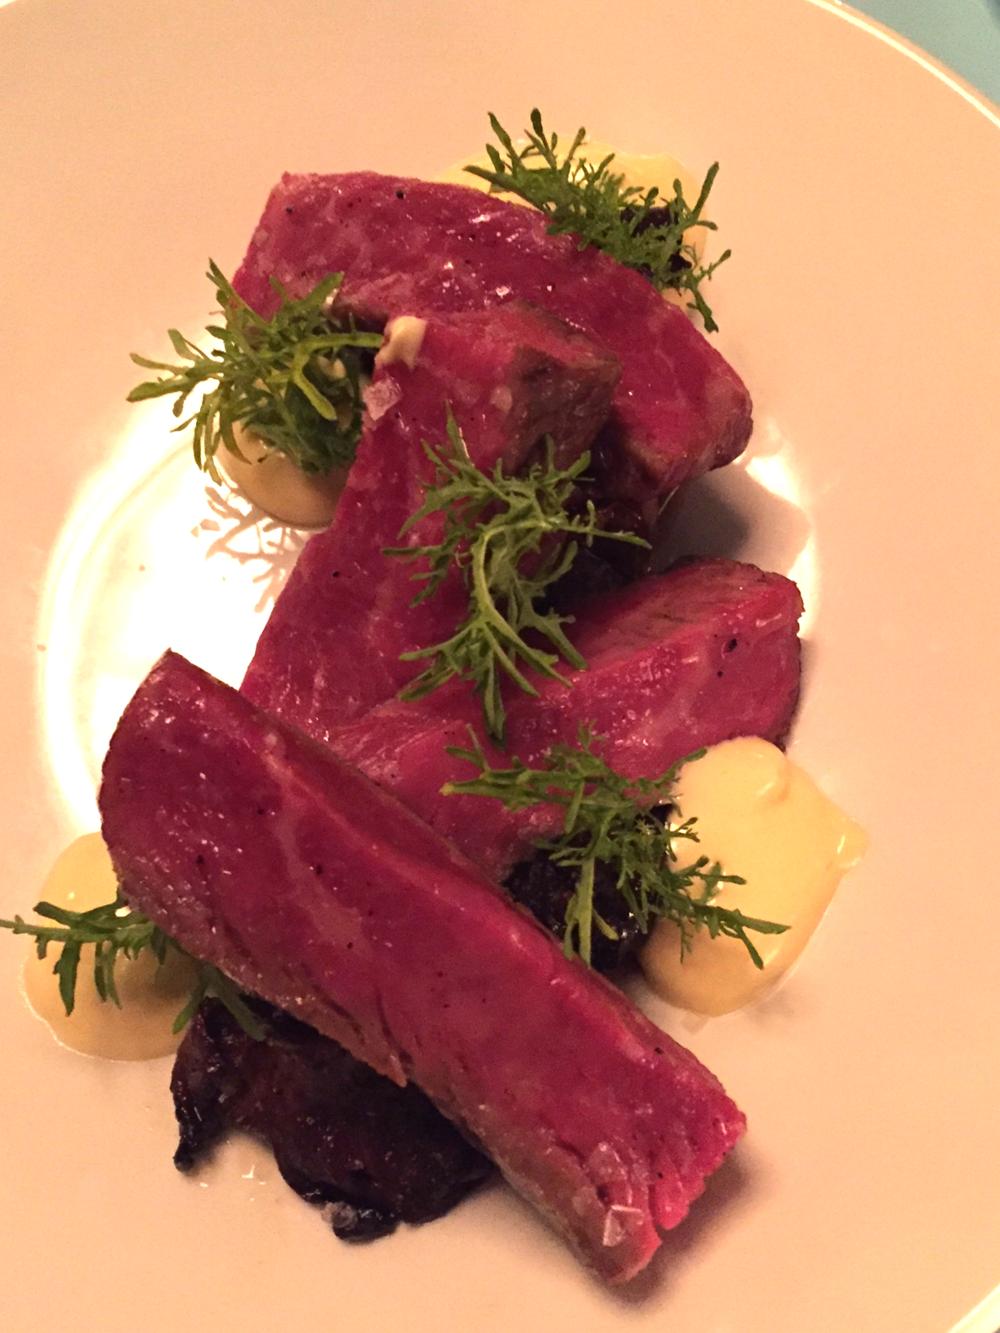 dry aged new york steak, sunchoke, pickled chanterelle, brown butter bearnaise